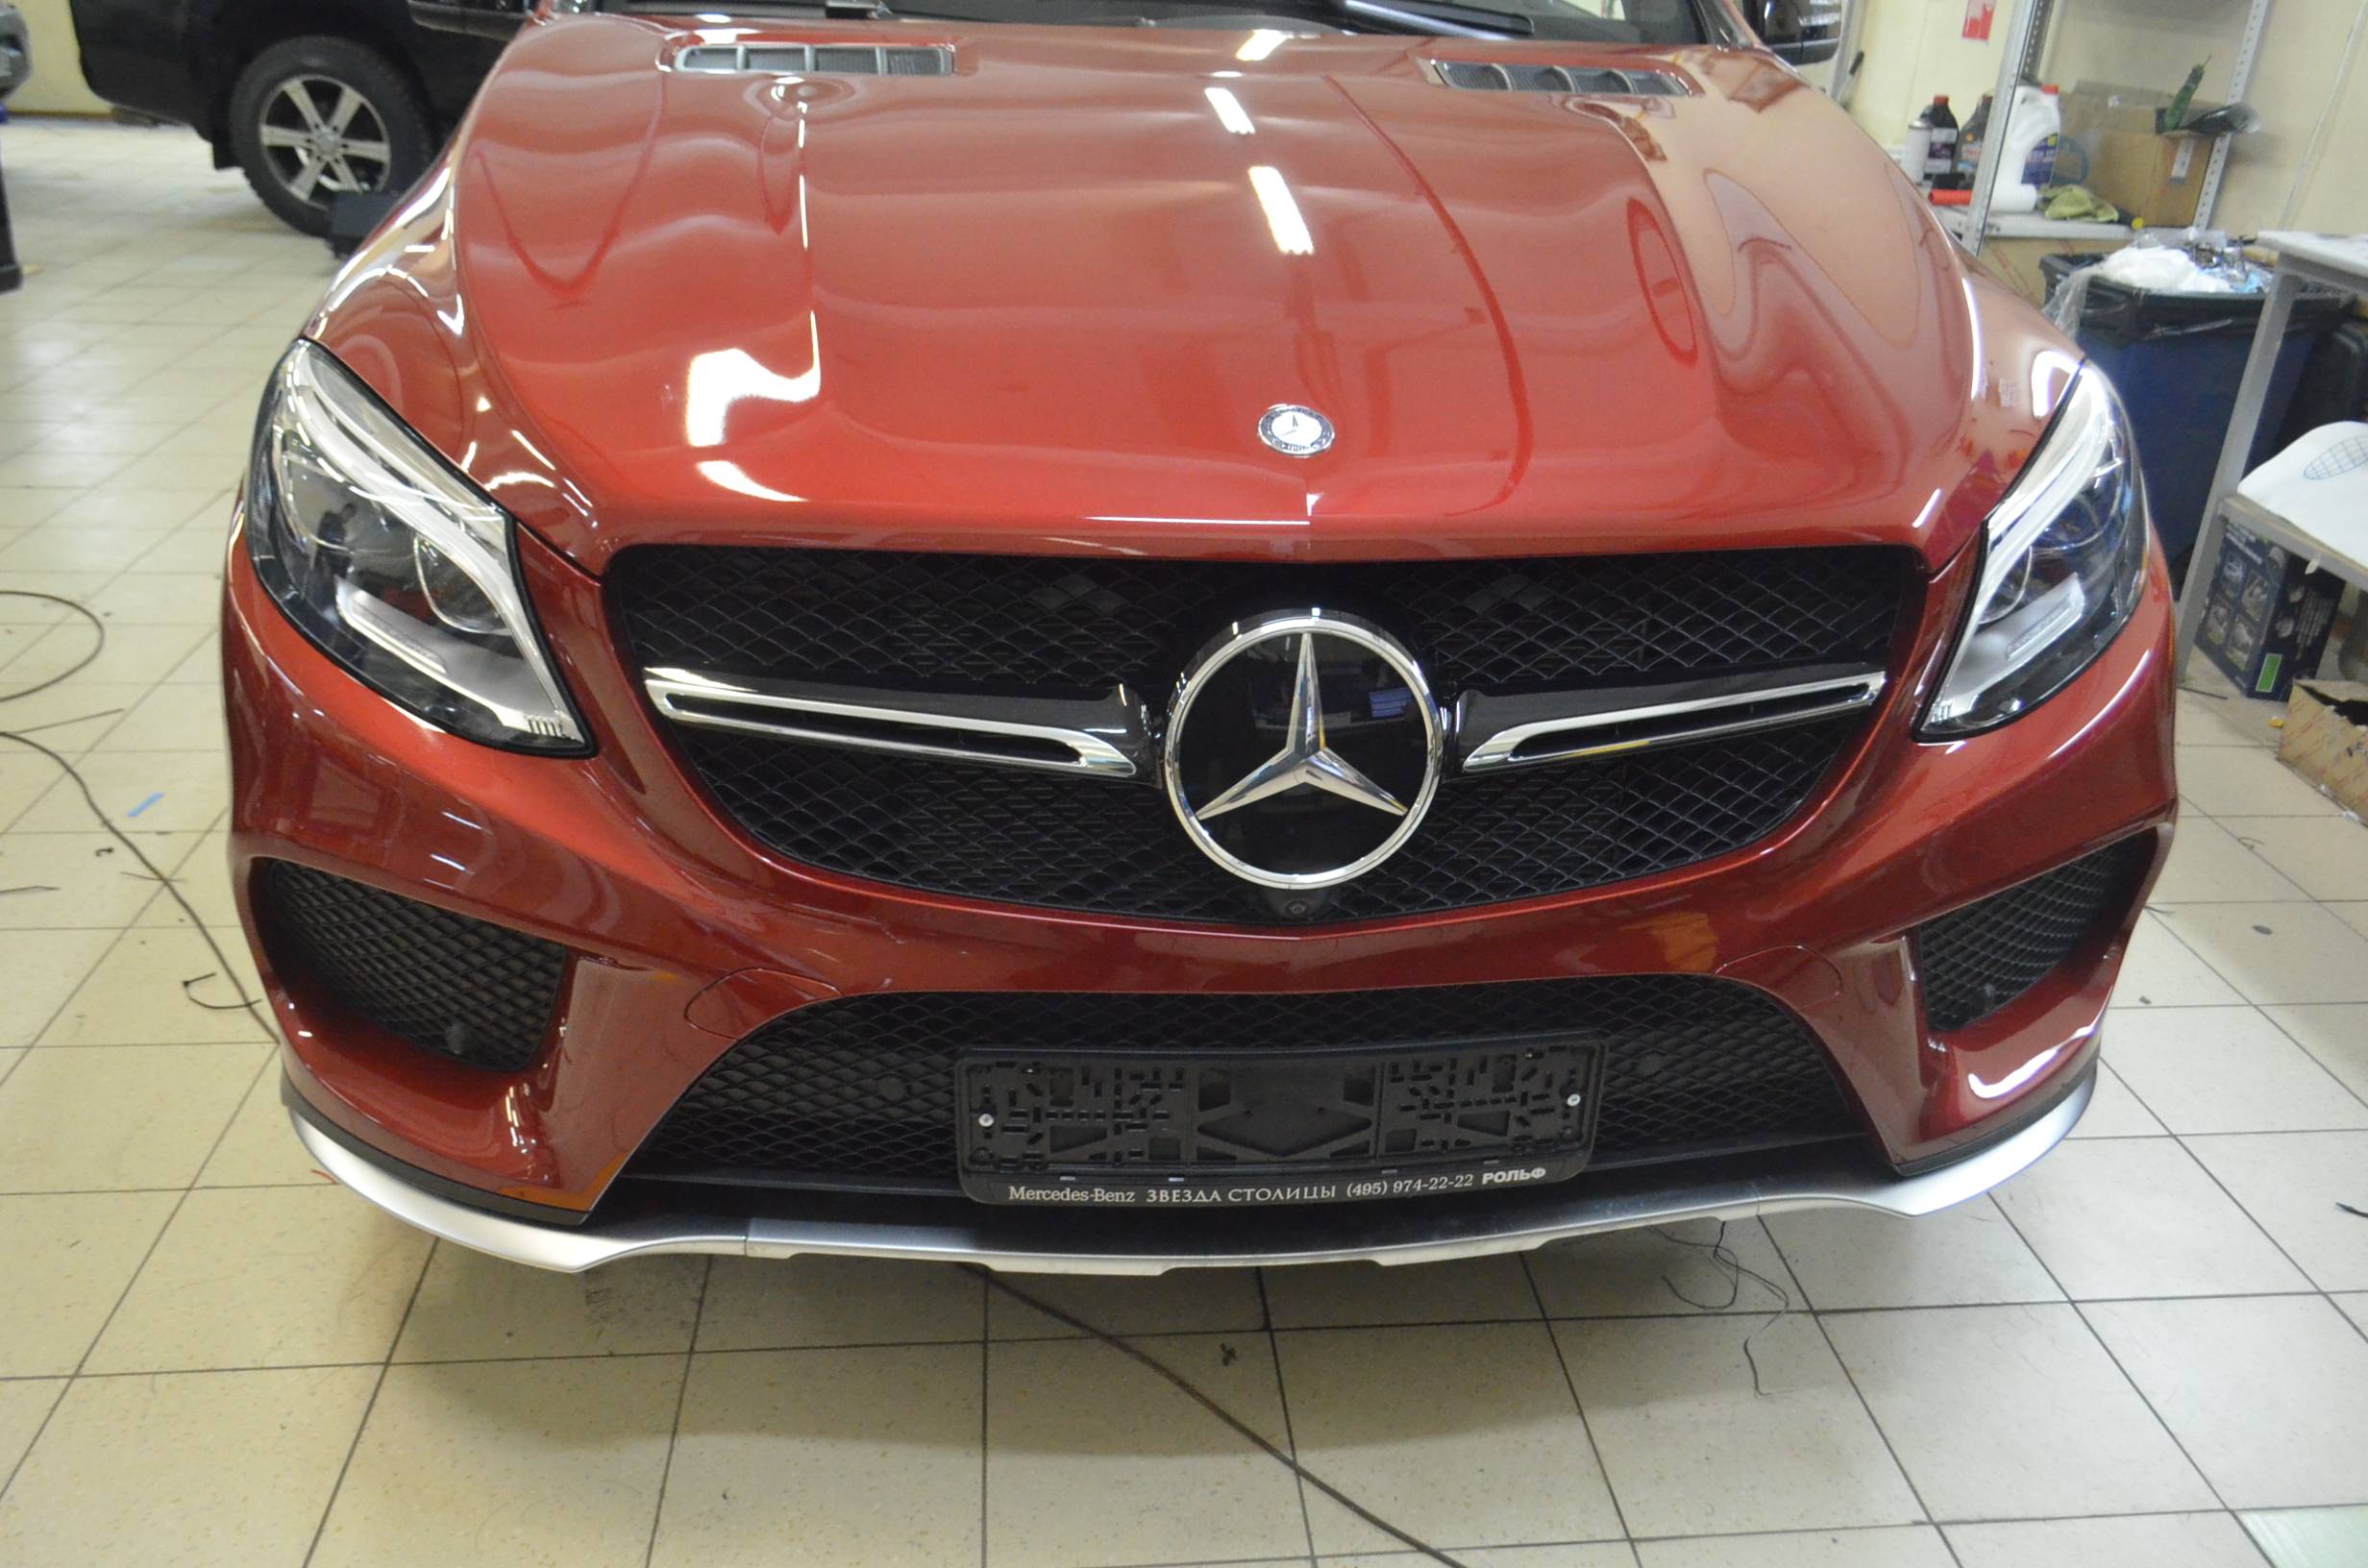 Полировка Керамик ПРО и покрытие антигравийной пленкой Mercedes GLE 450